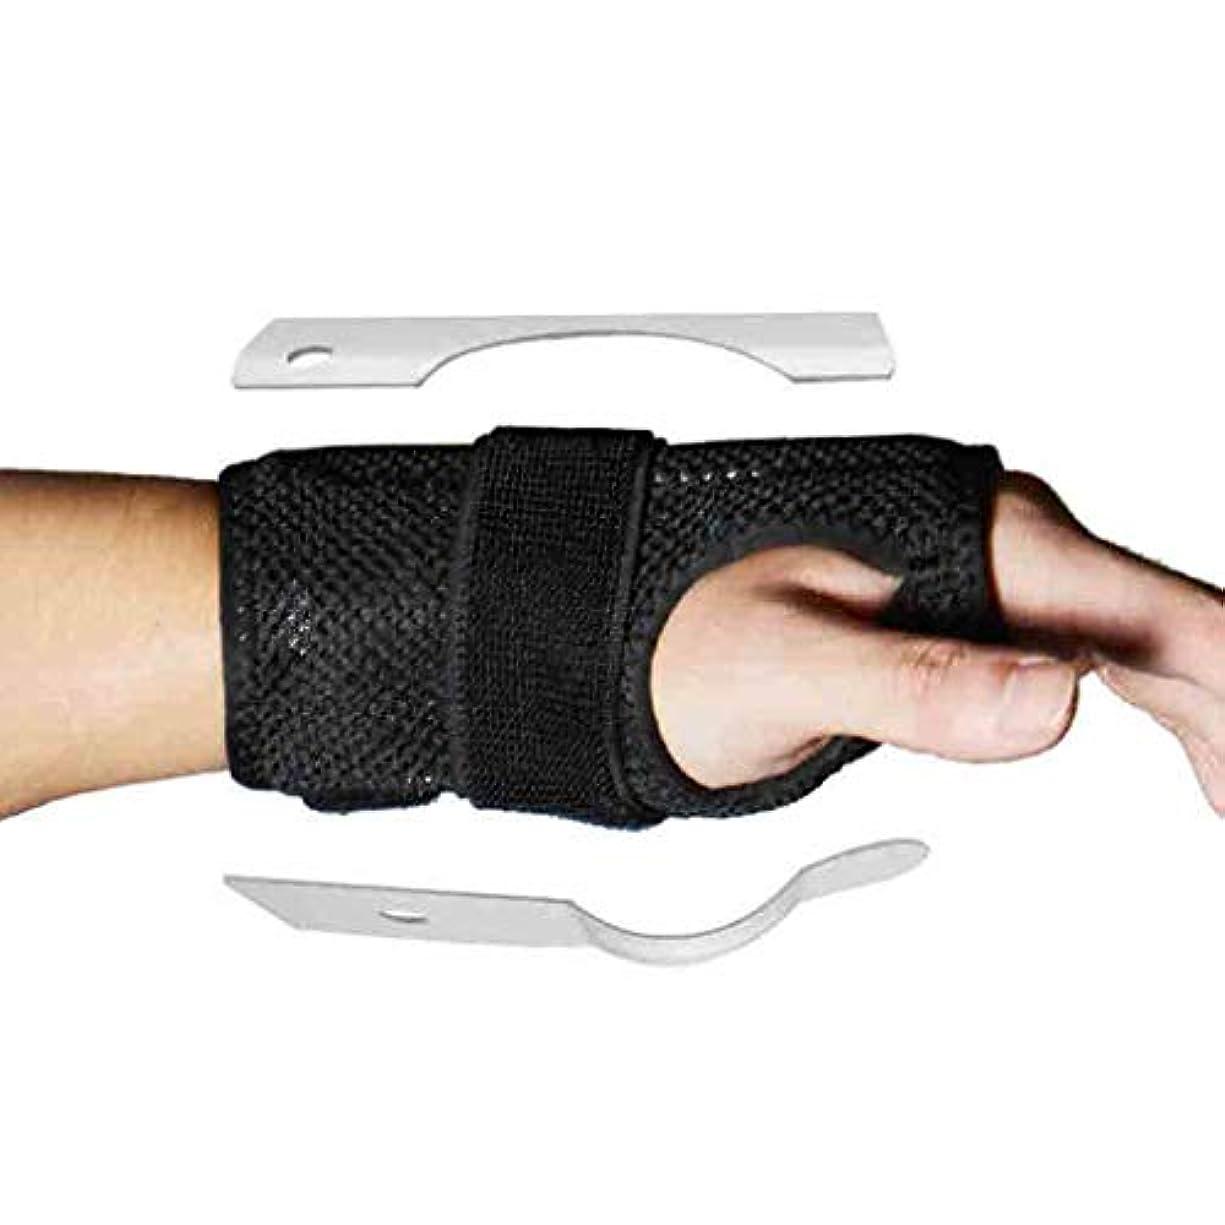 シェルターチャップスキップトリガーのための親指のスプリント親指の通気性のファブリック手首の親指腱鞘炎脳手根管症候群のためのリストバンドスプリントママの親指ブレース関節炎 Roscloud@